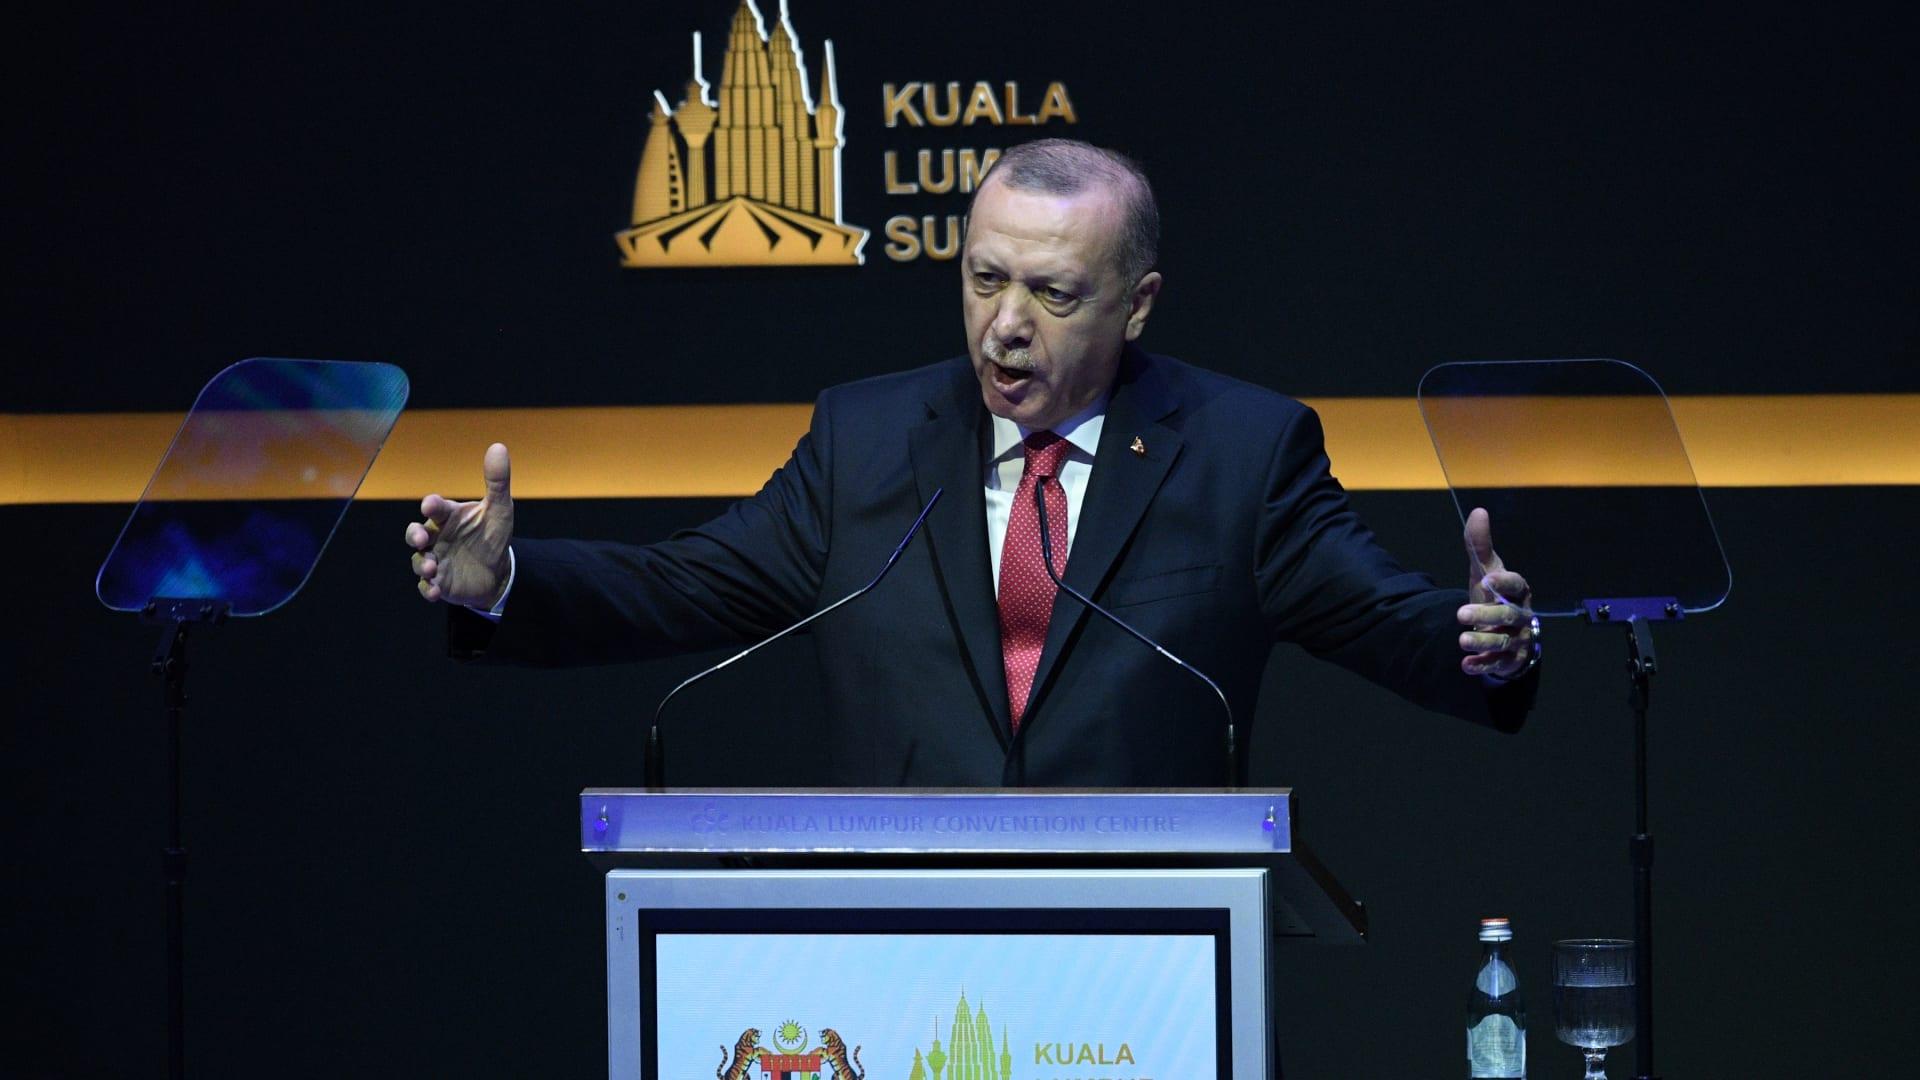 الرئيس التركي رجب طيب أردوغان بالقمة الإسلامية في ماليزيا